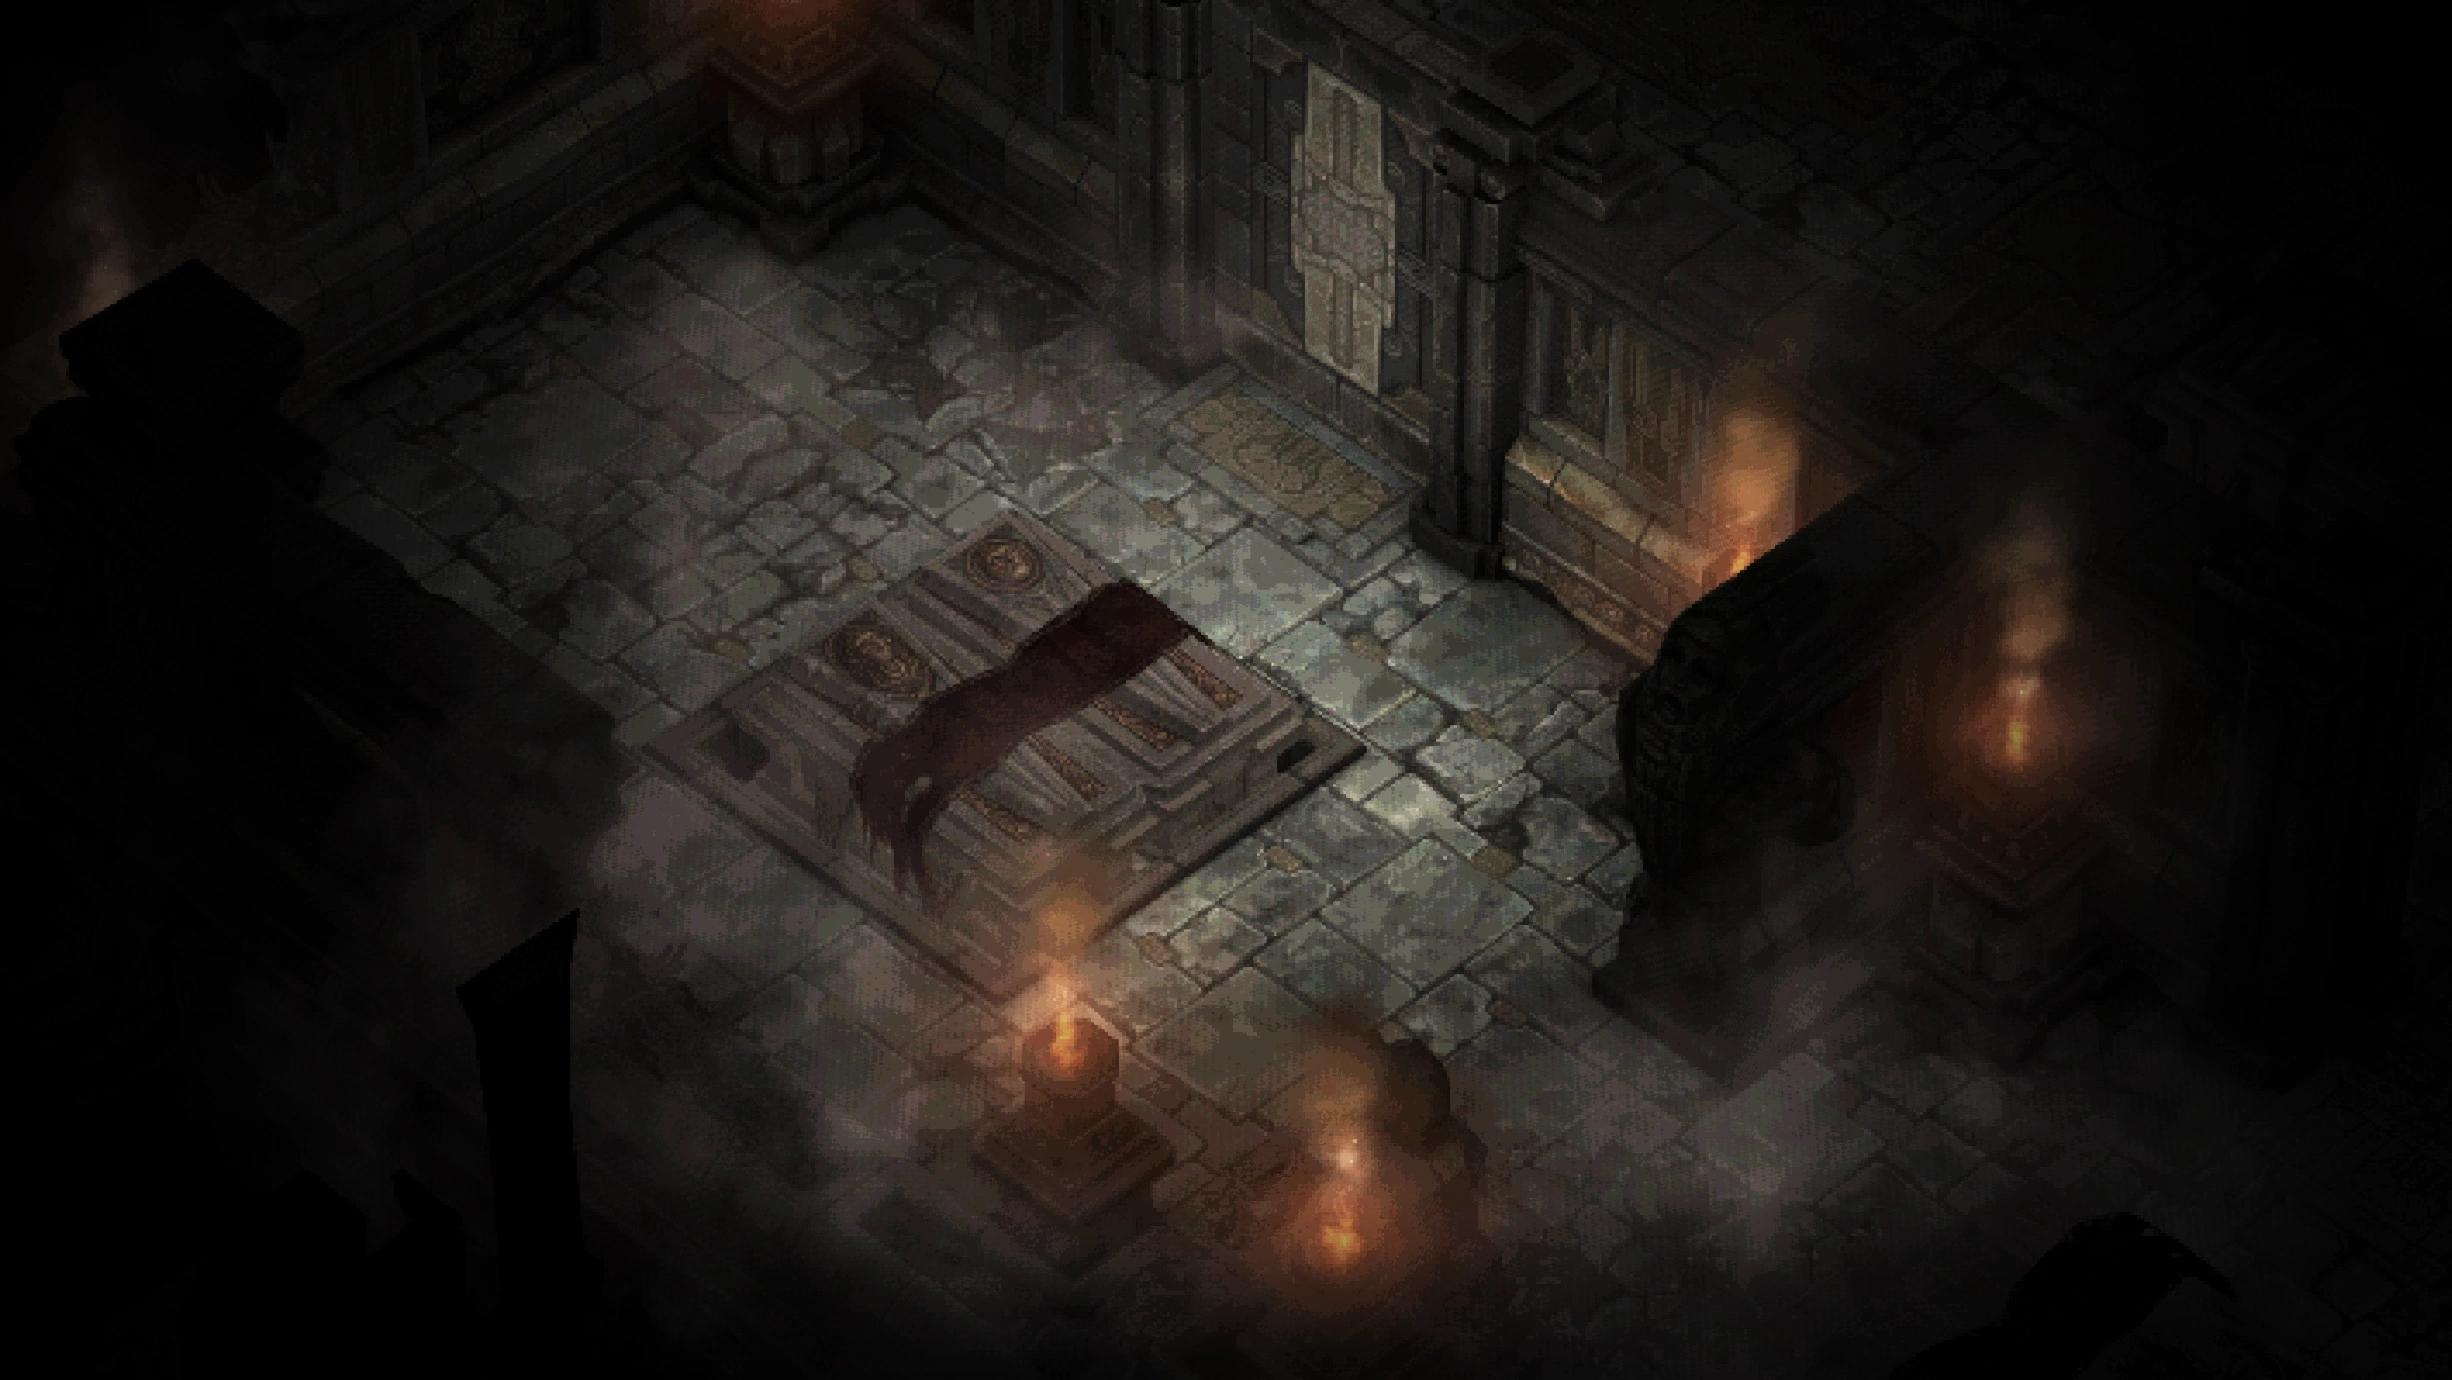 Diablo III's Darkening of Tristram event